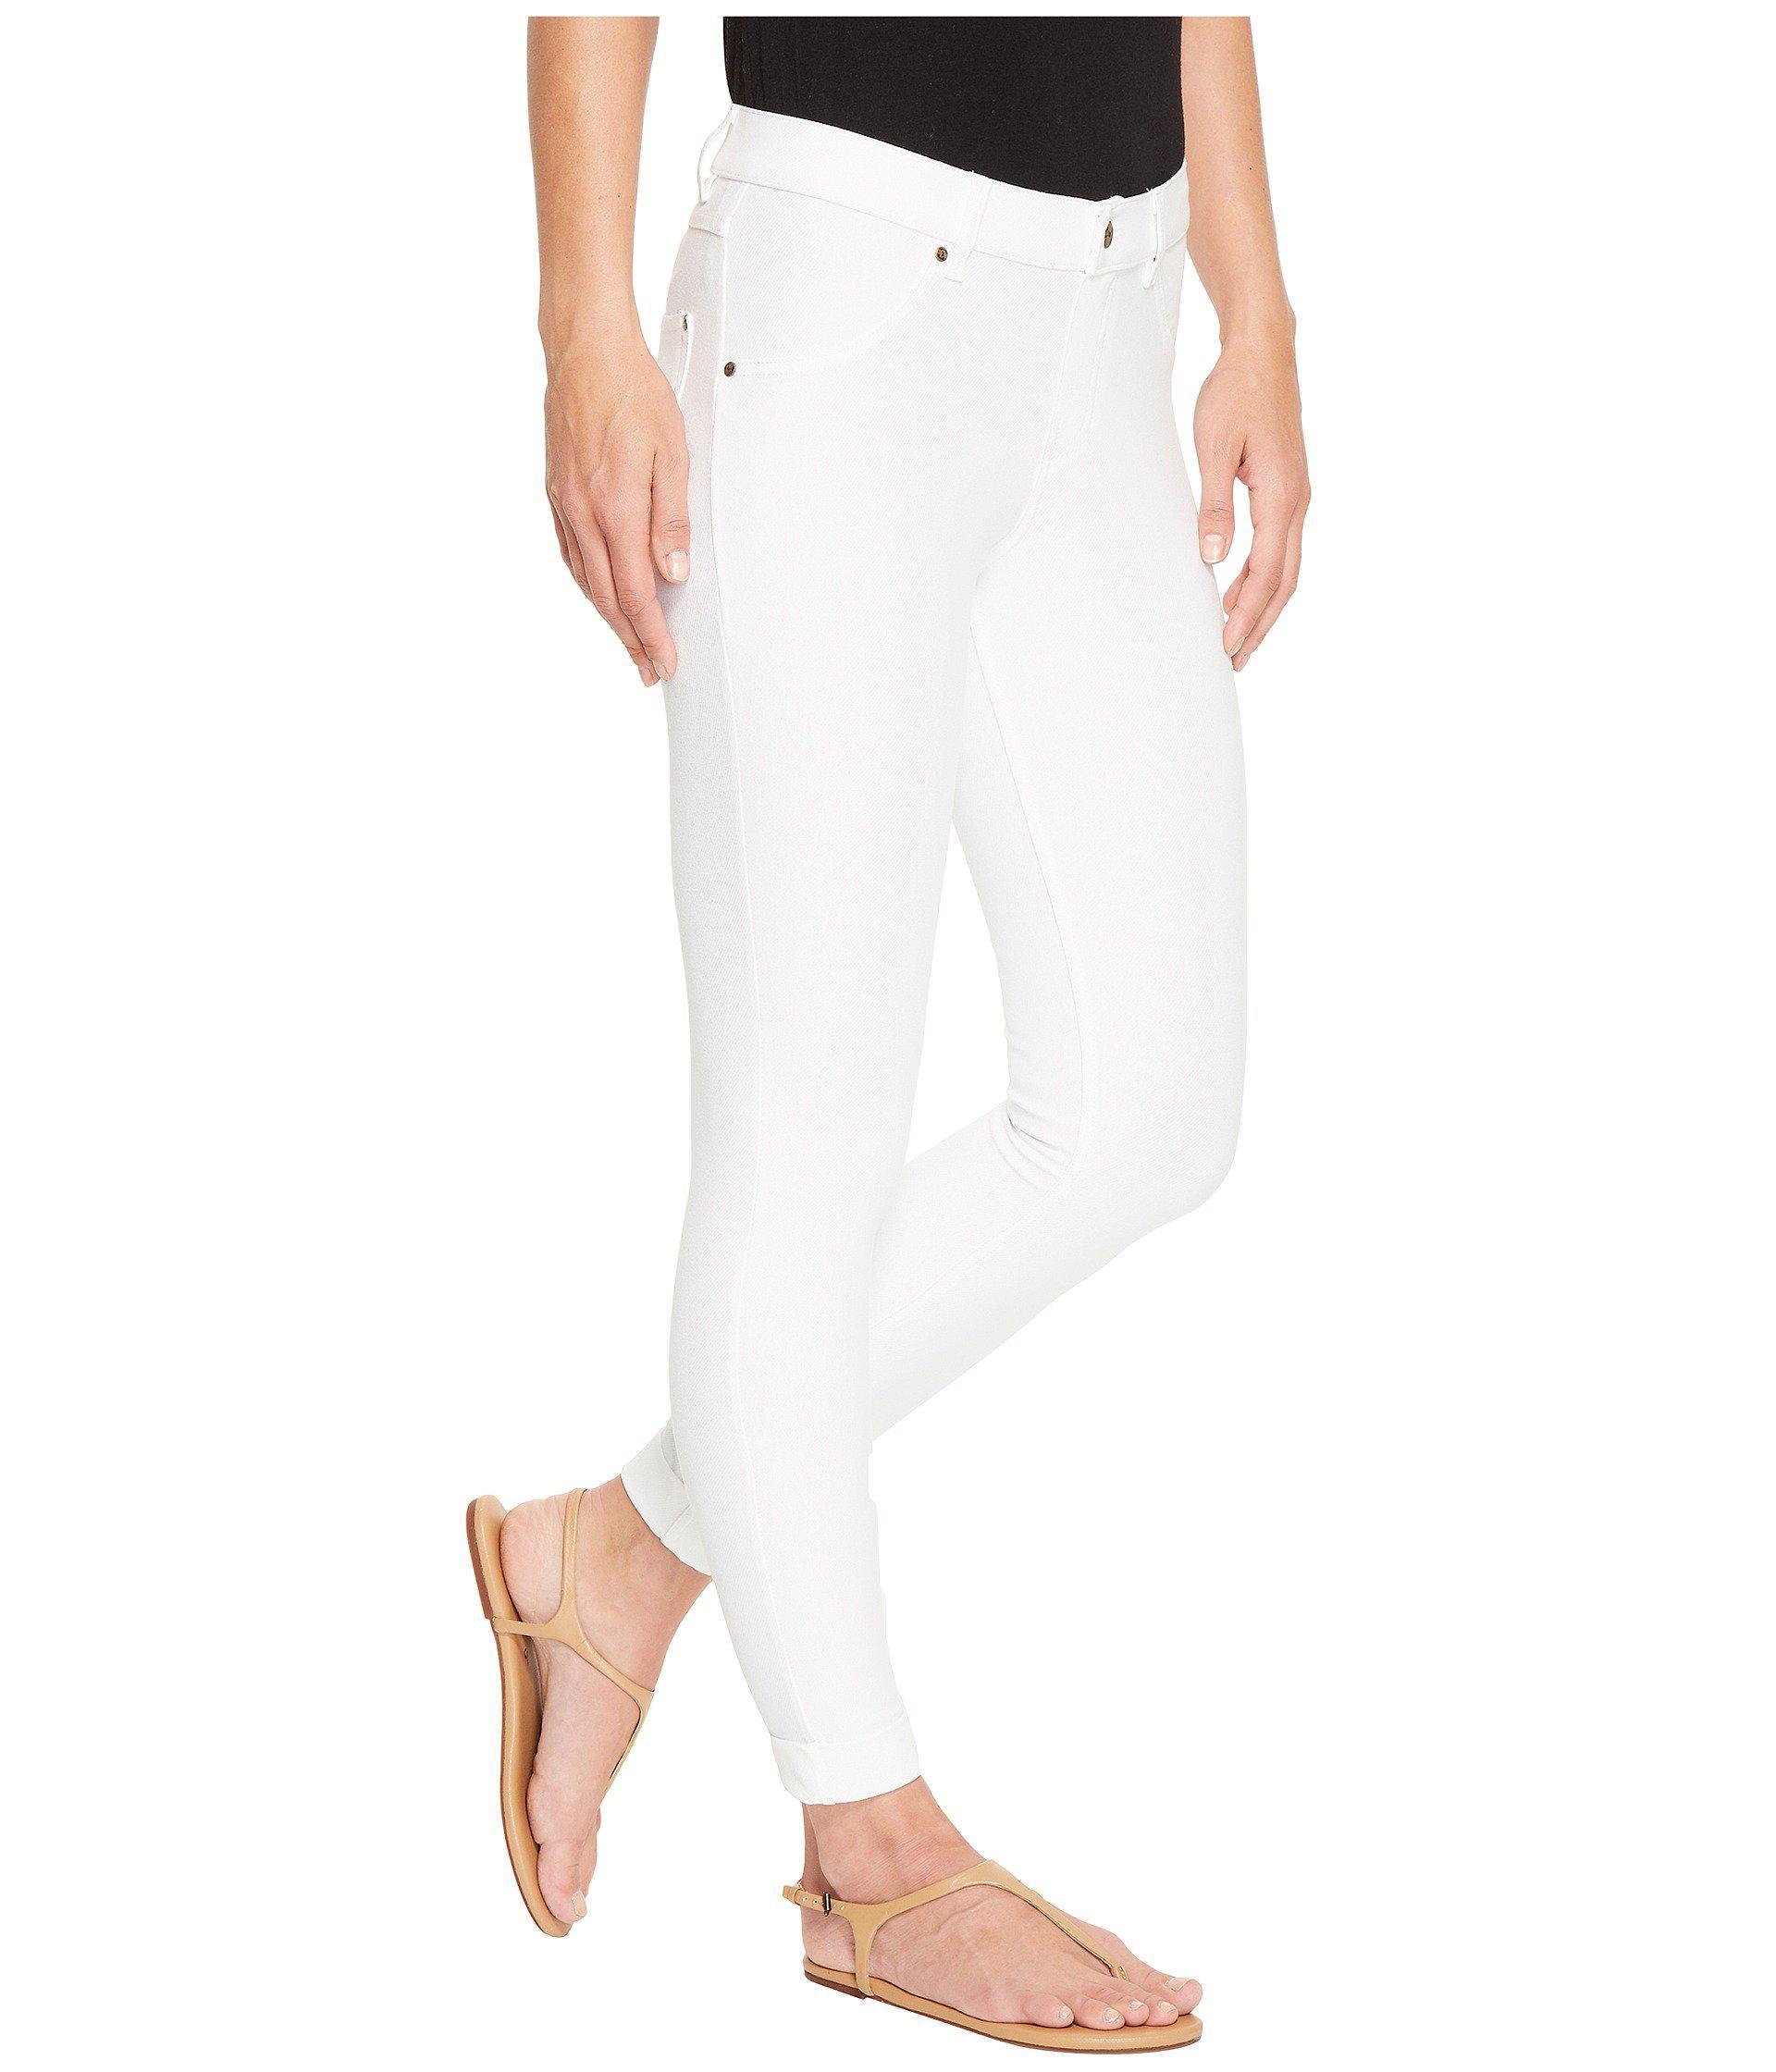 f227788cea0f Lyst - Hue Cuffed Essential Denim Skimmer in White